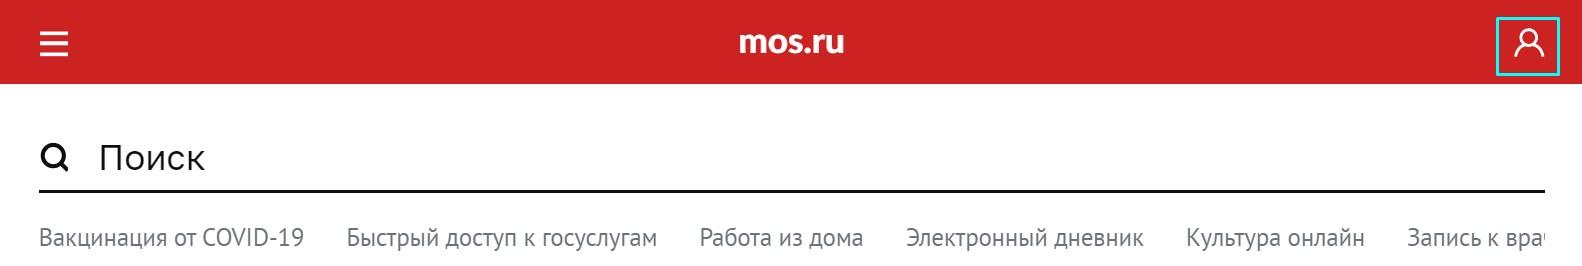 Госуслуги Москвы - вход на портал